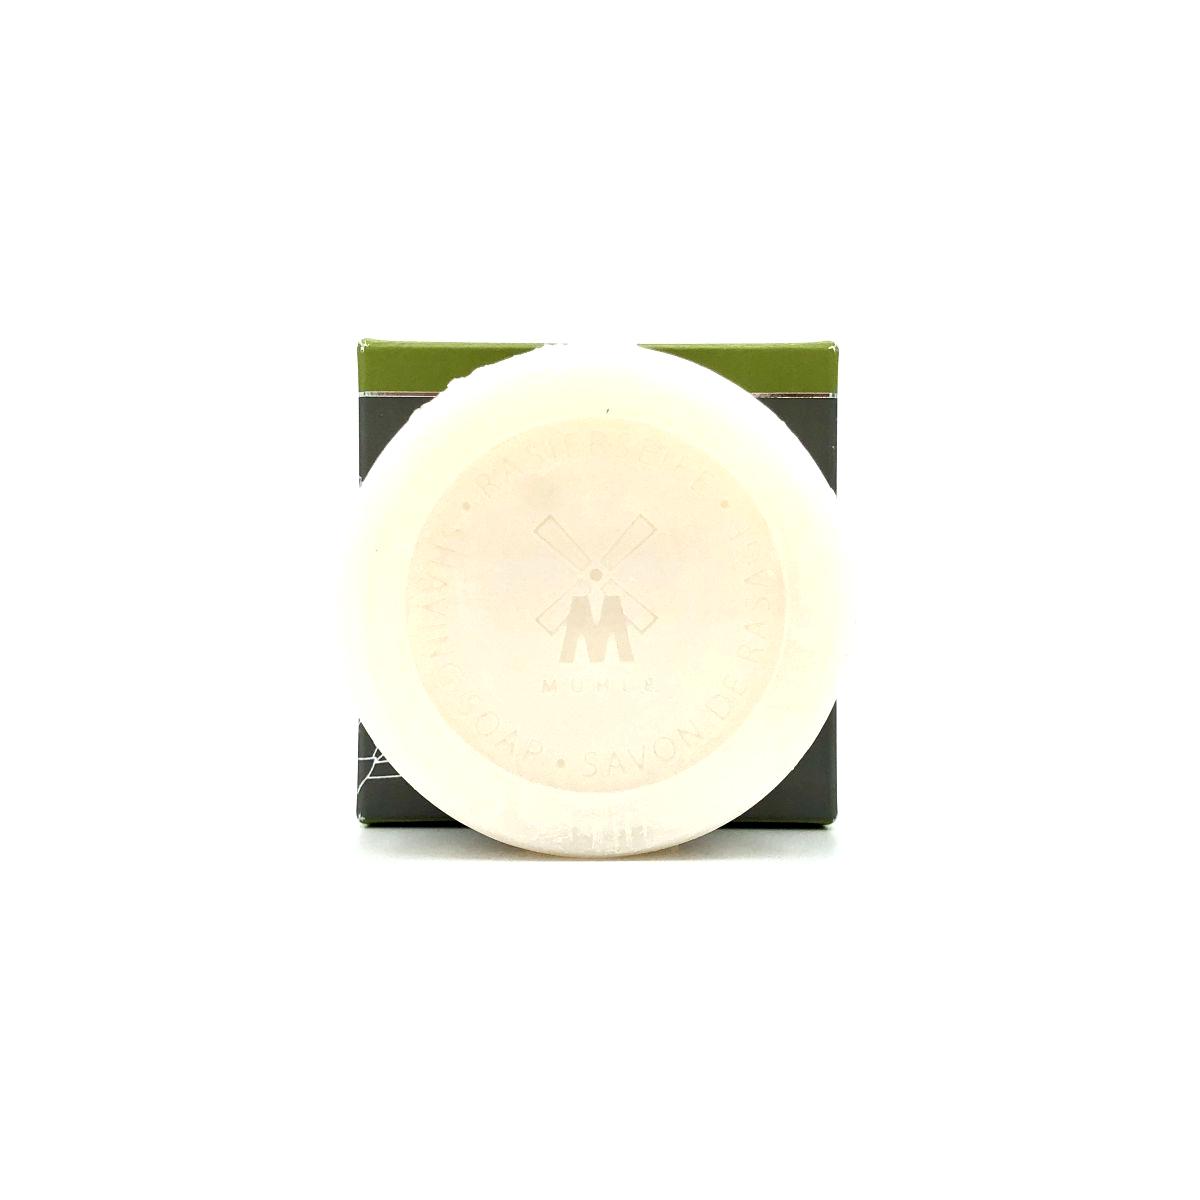 Rasierseife von Mühle - Aloe Vera